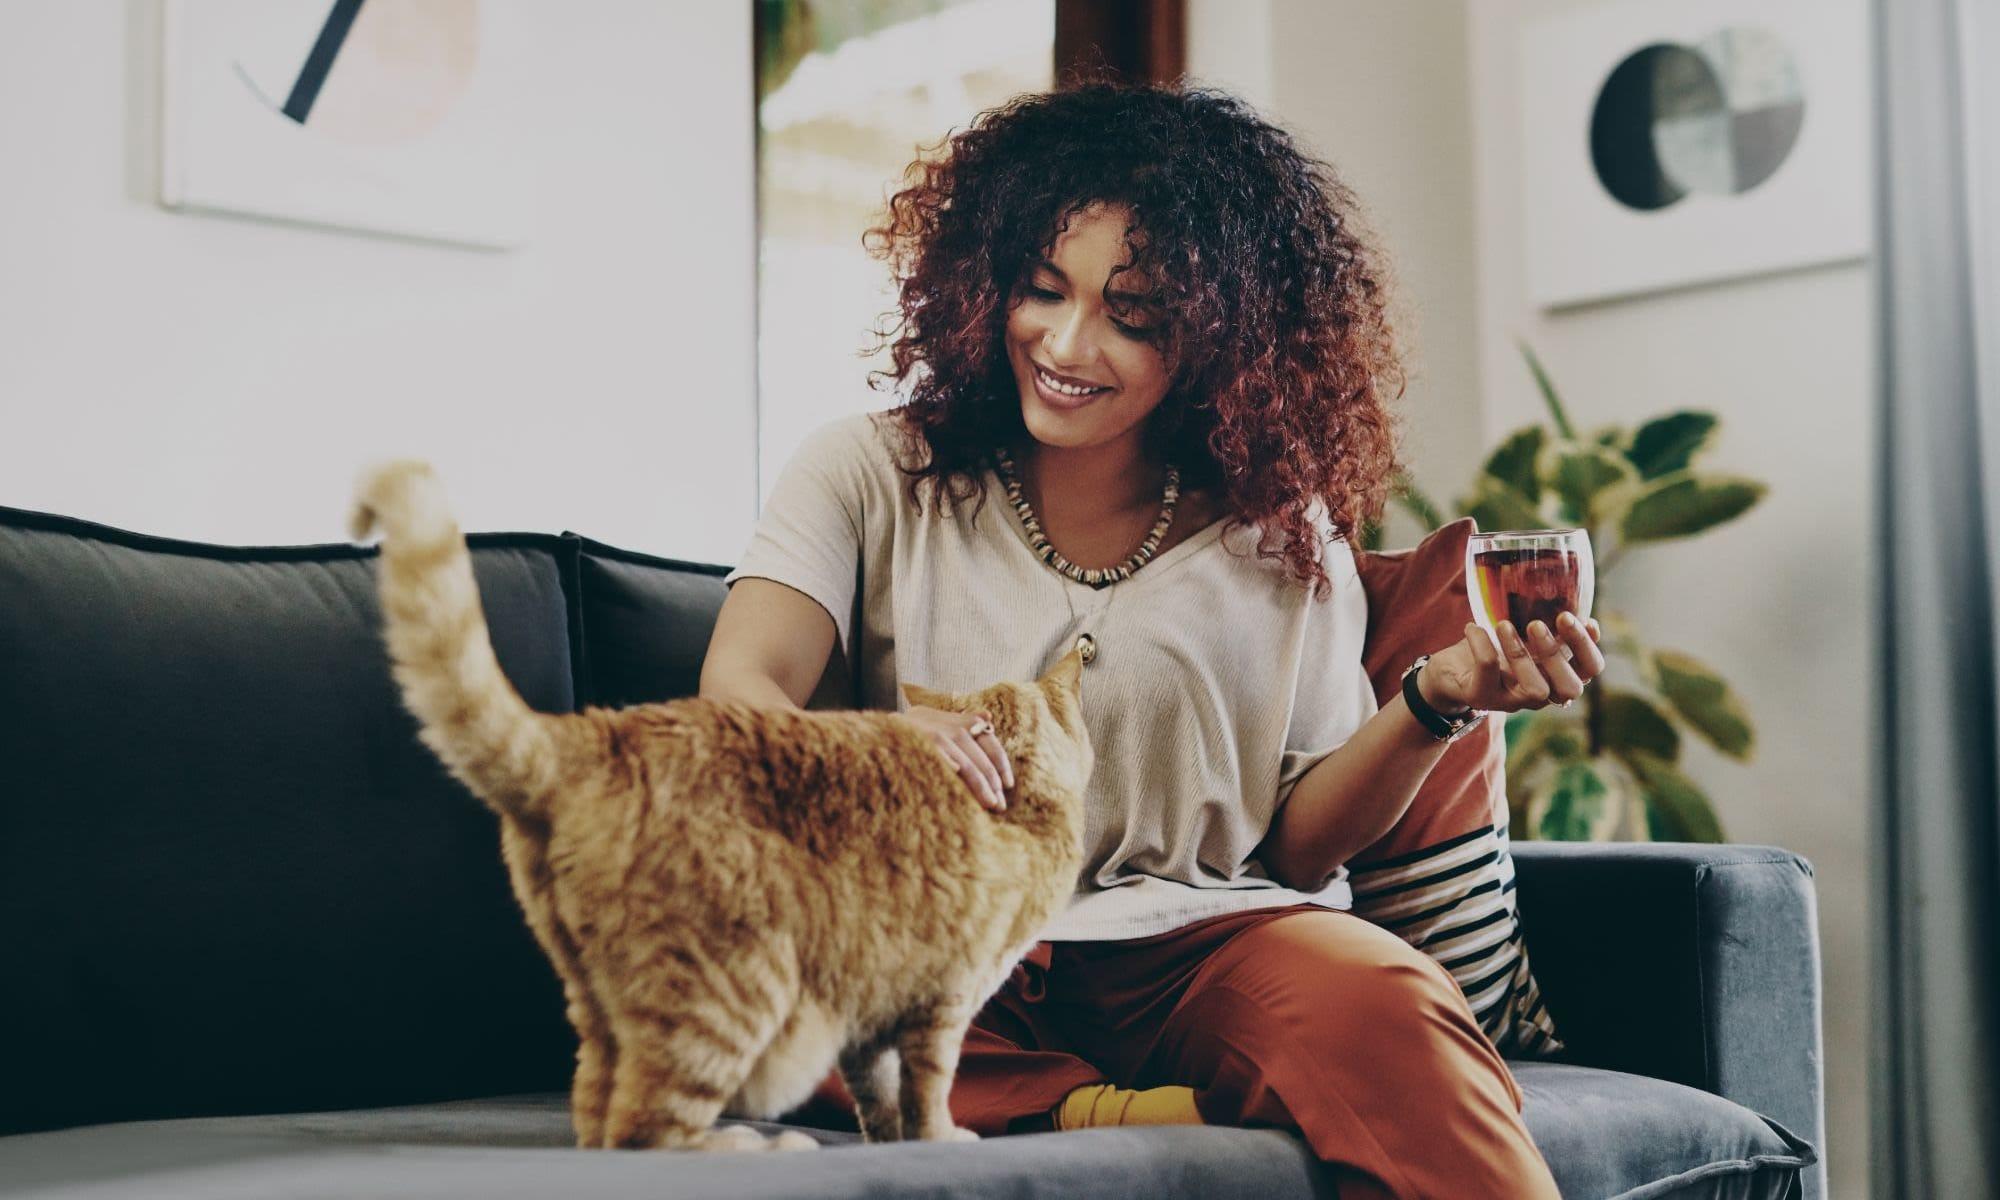 Woman with cat at Liberty SKY in Salt Lake City, Utah